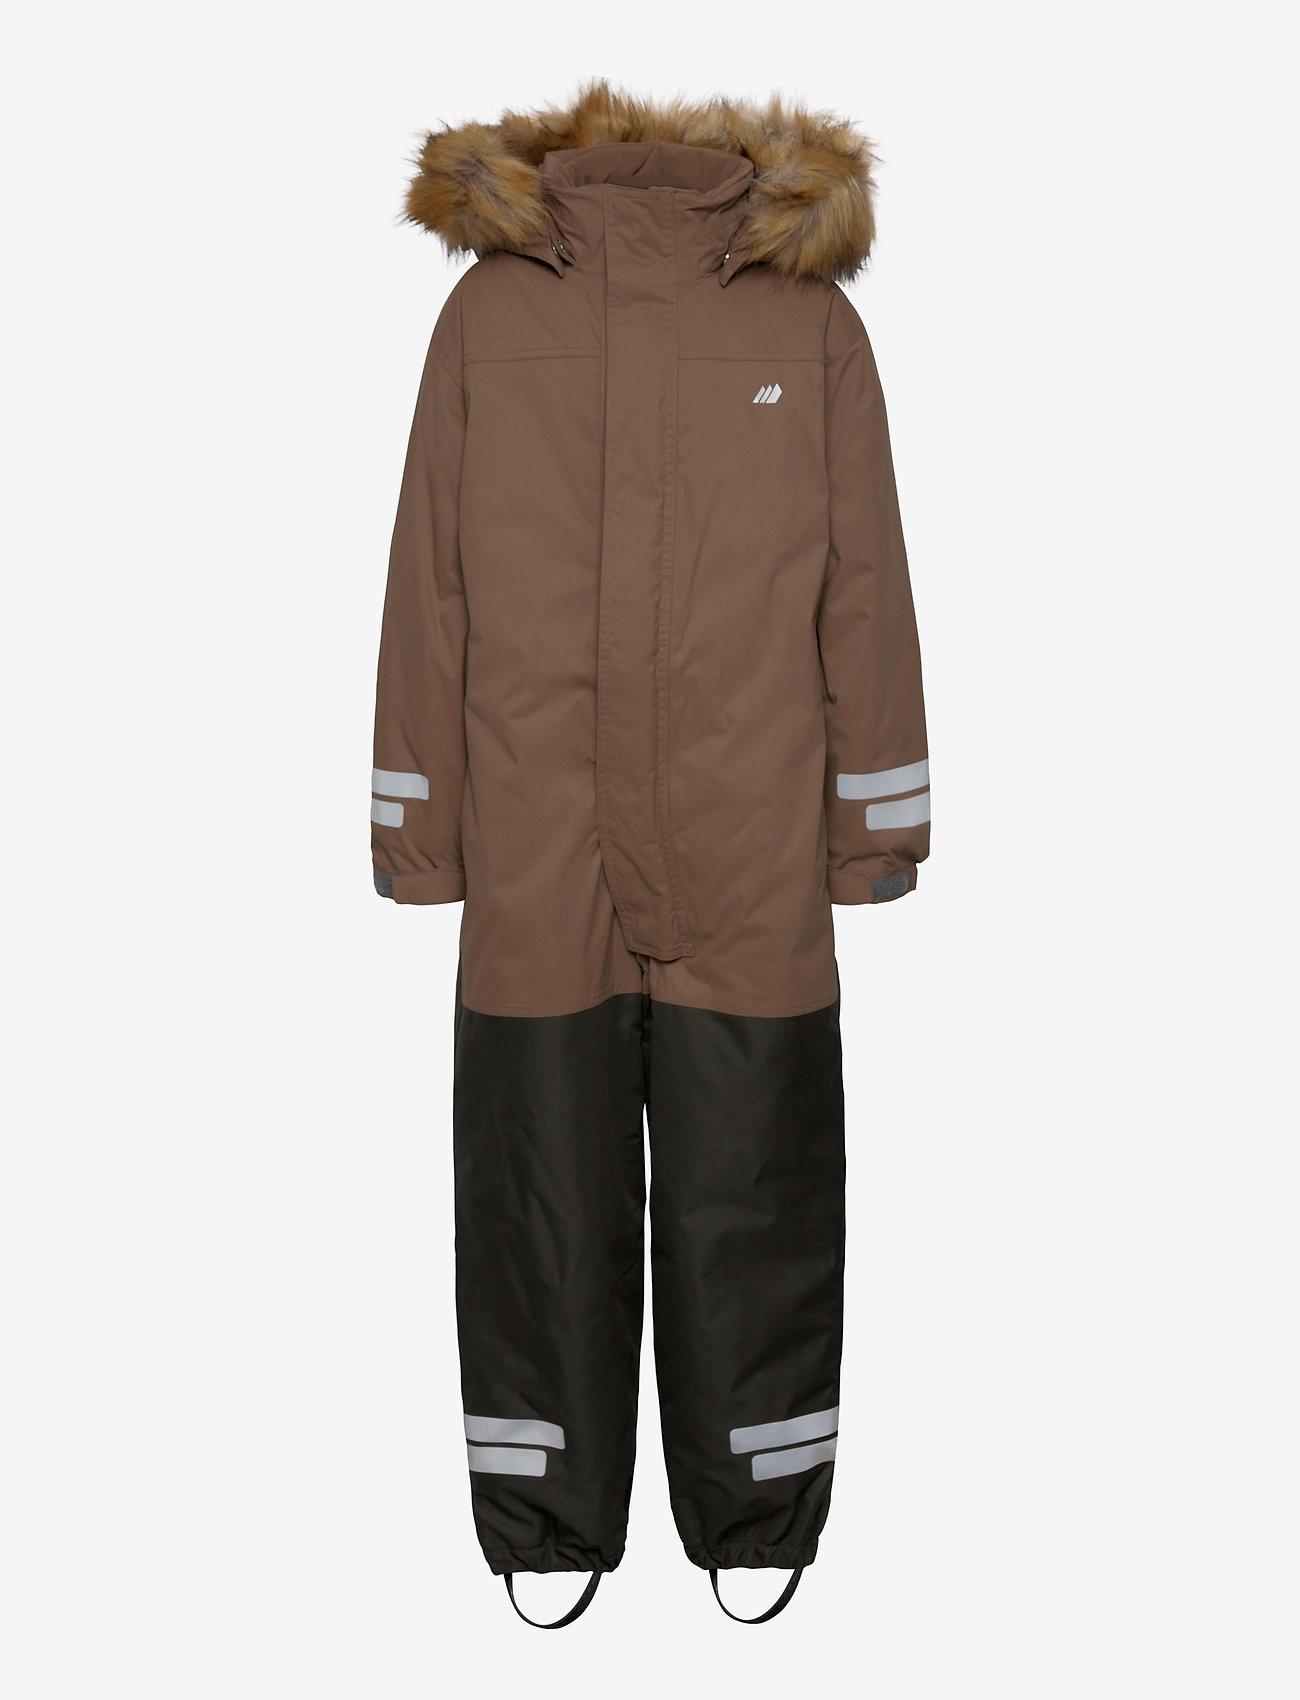 Skogstad - Sletteheida 2-layer technical snowsuit with PrimaLoft - vintertøj - brown - 0